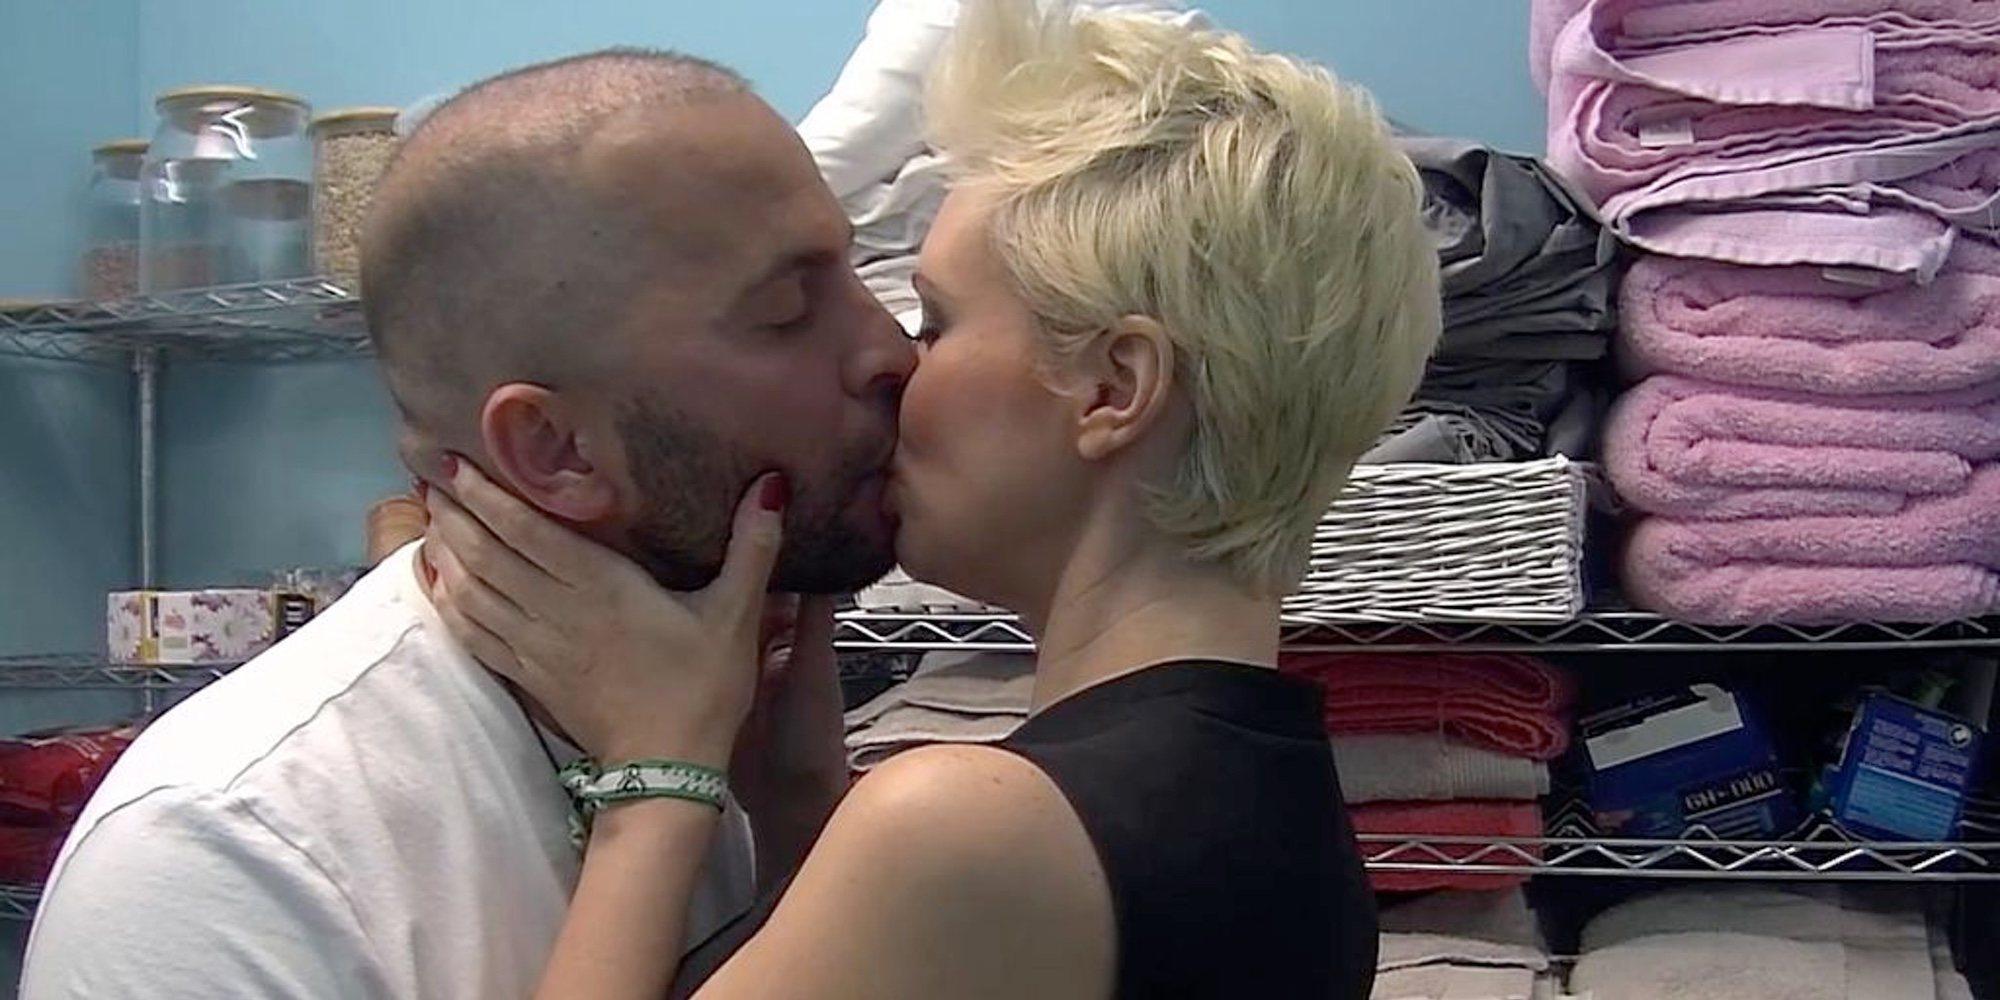 El apasionado beso de María Jesús Ruiz y Antonio Tejado en el almacén de 'GH DÚO'